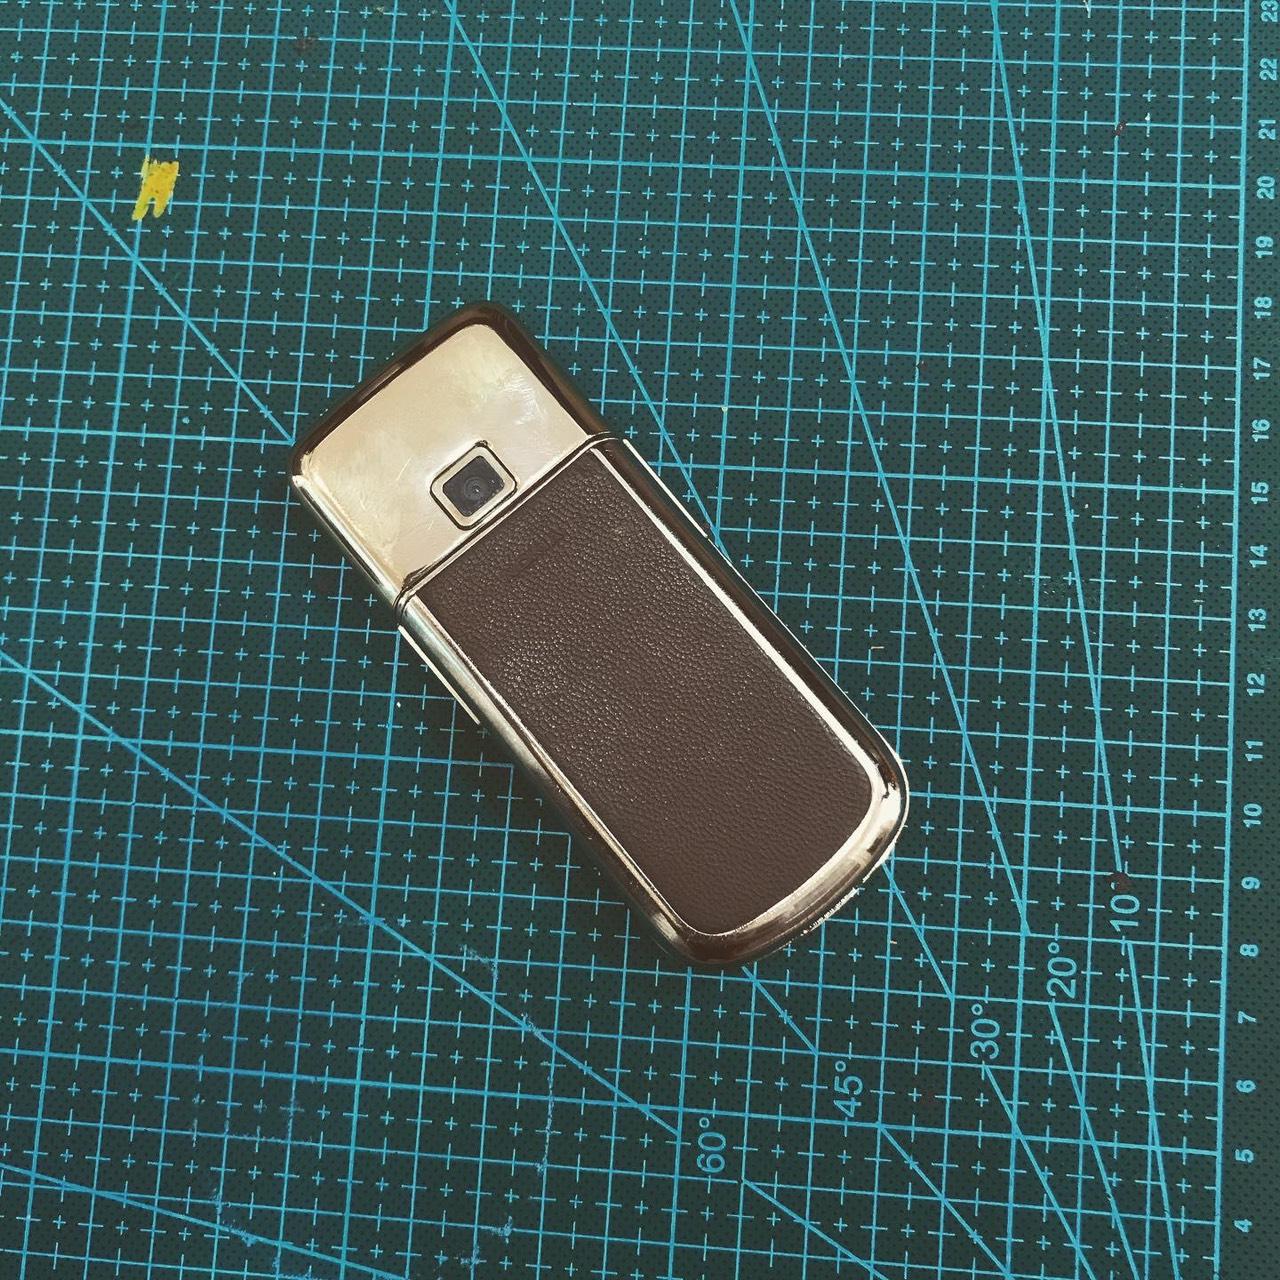 Dán da LV cho Nokia 8800 Gold Arte 2